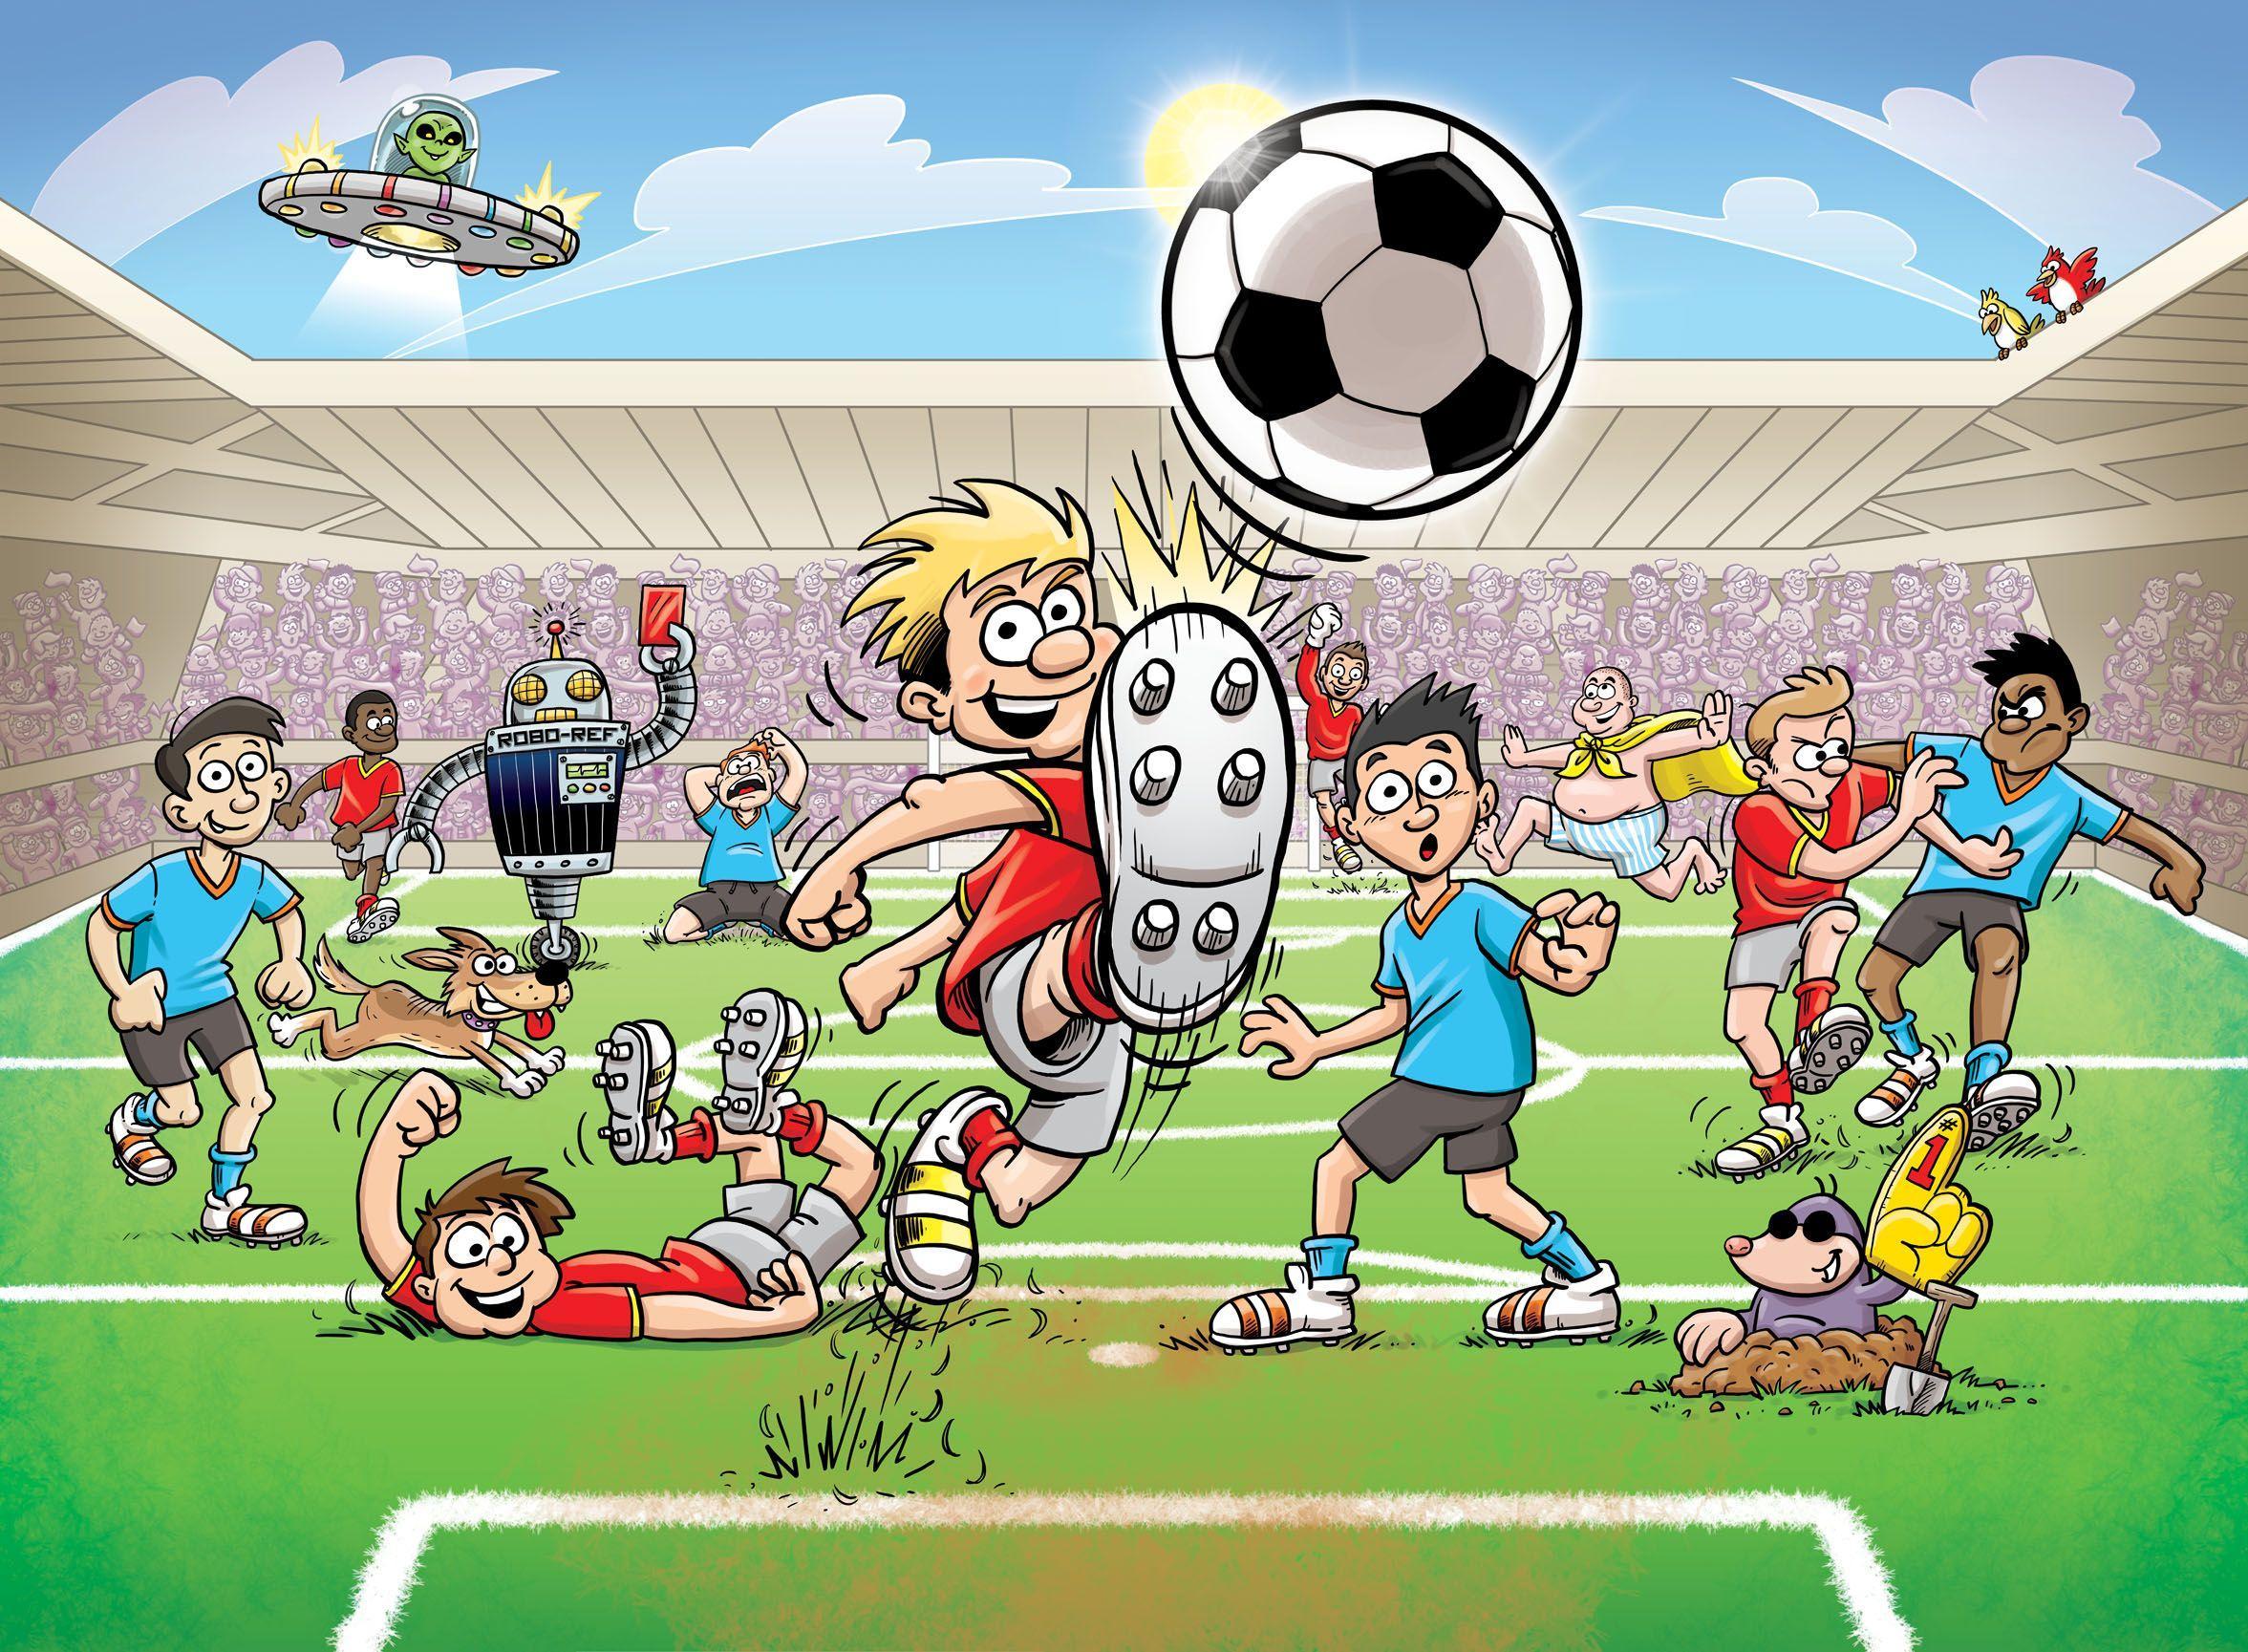 они при мультяшные картинки з футболом старте произнес